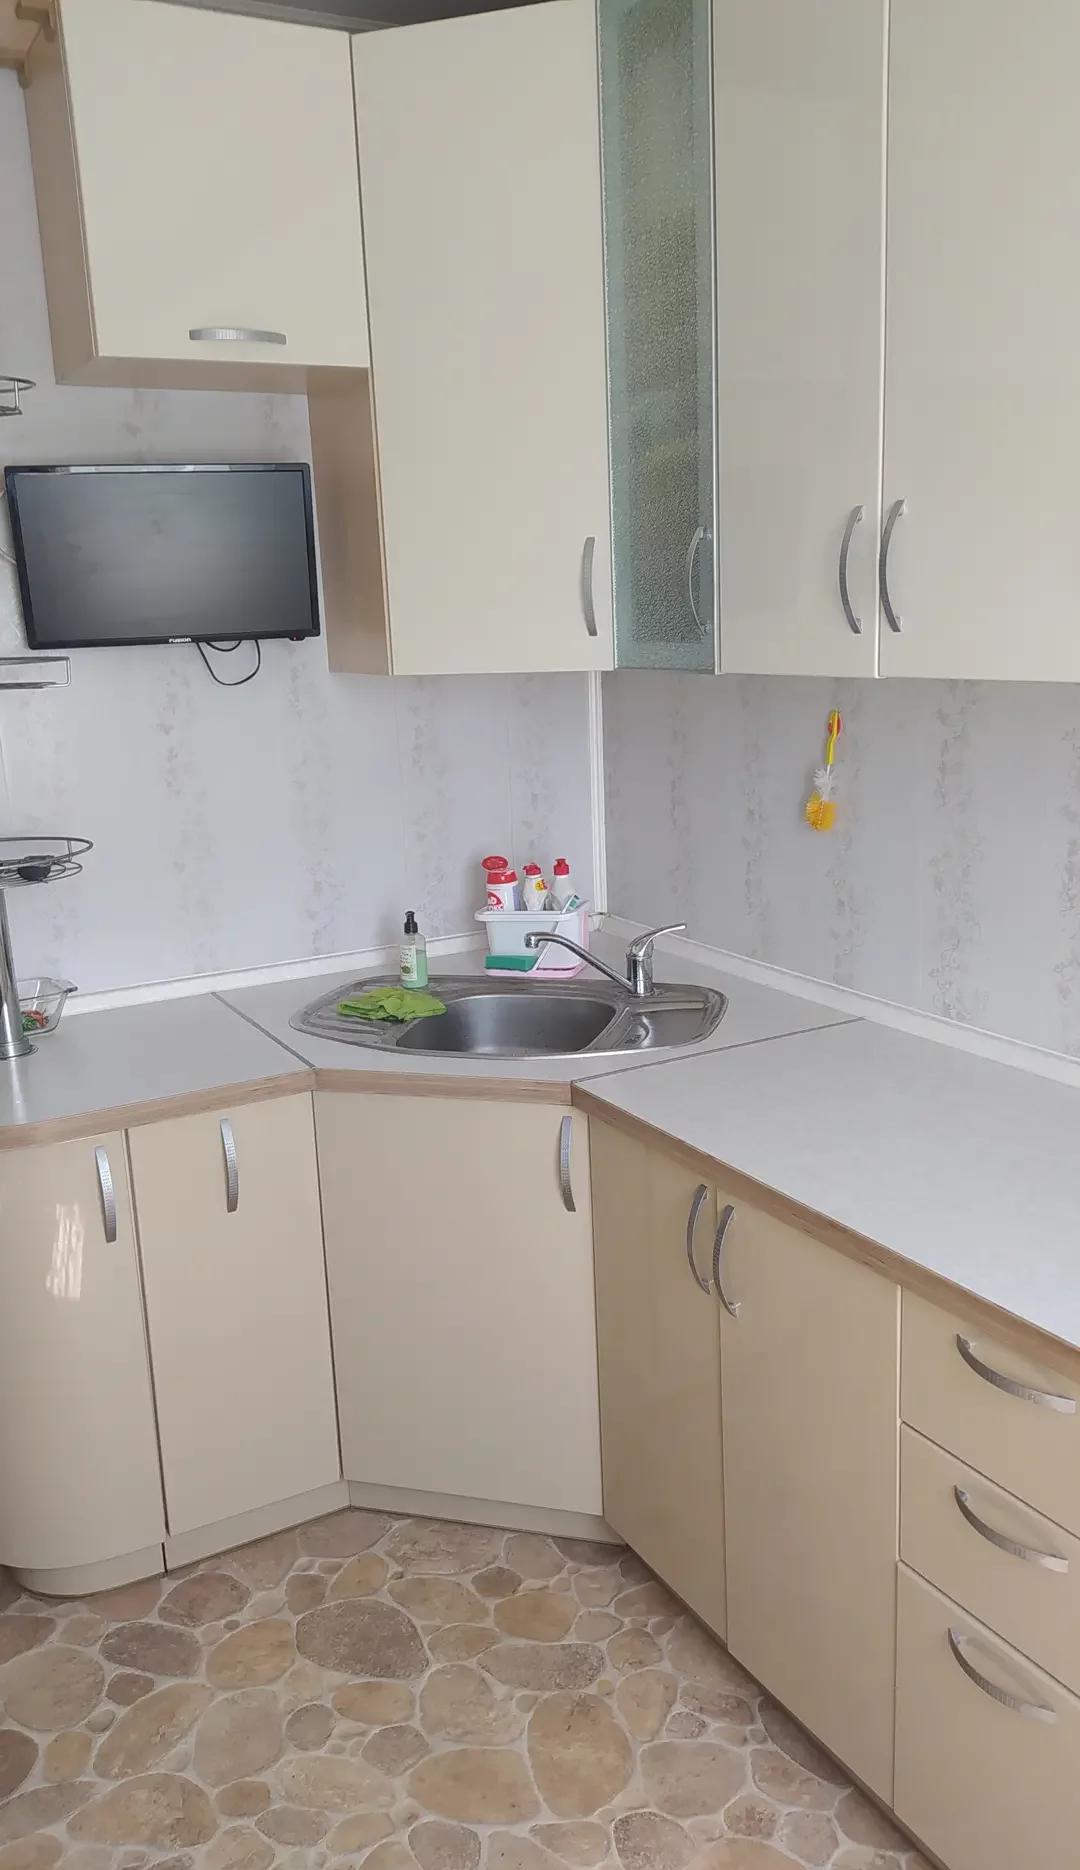 2к квартира ул Судостроительная, д 97 | 30000 | аренда в Красноярске фото 6